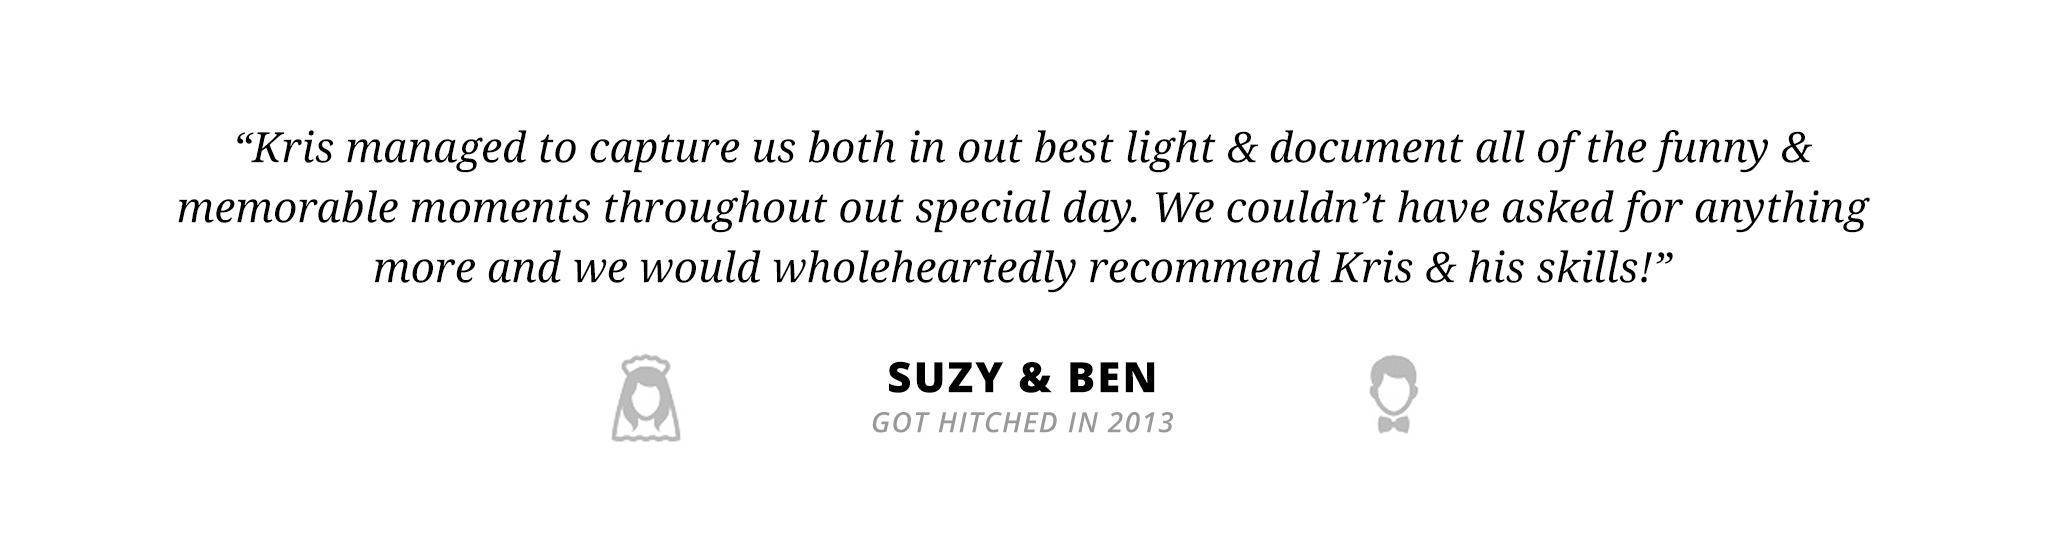 Wedding-Testimonials-Suzy-Ben.jpg